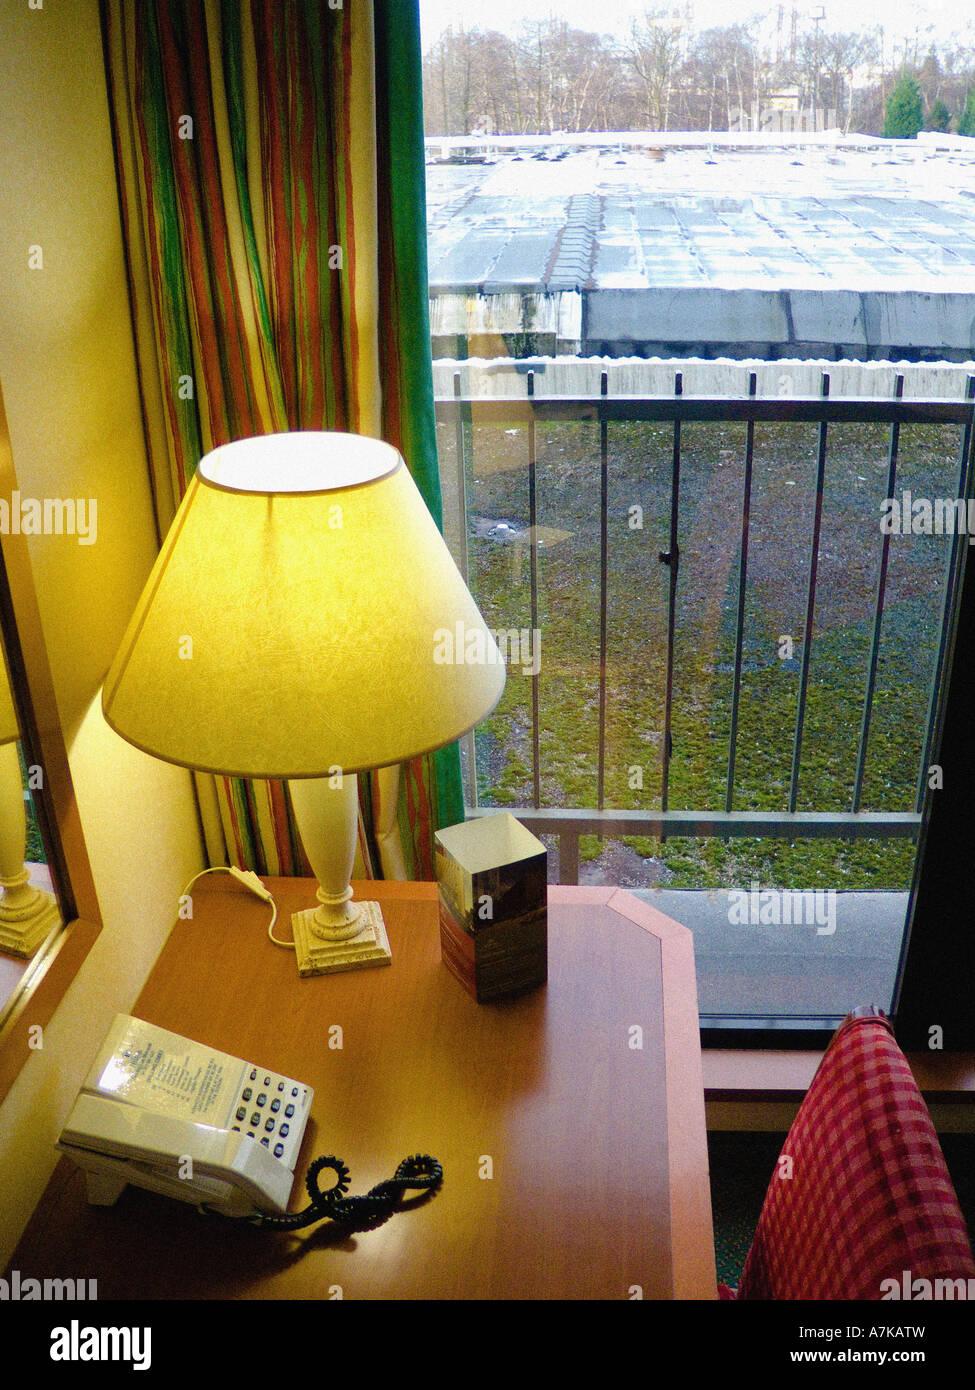 Schreibtisch mit Telefon und Lampe in uk Hotel langweilig langweilig Blick aus Fenster im Hintergrund Stockbild